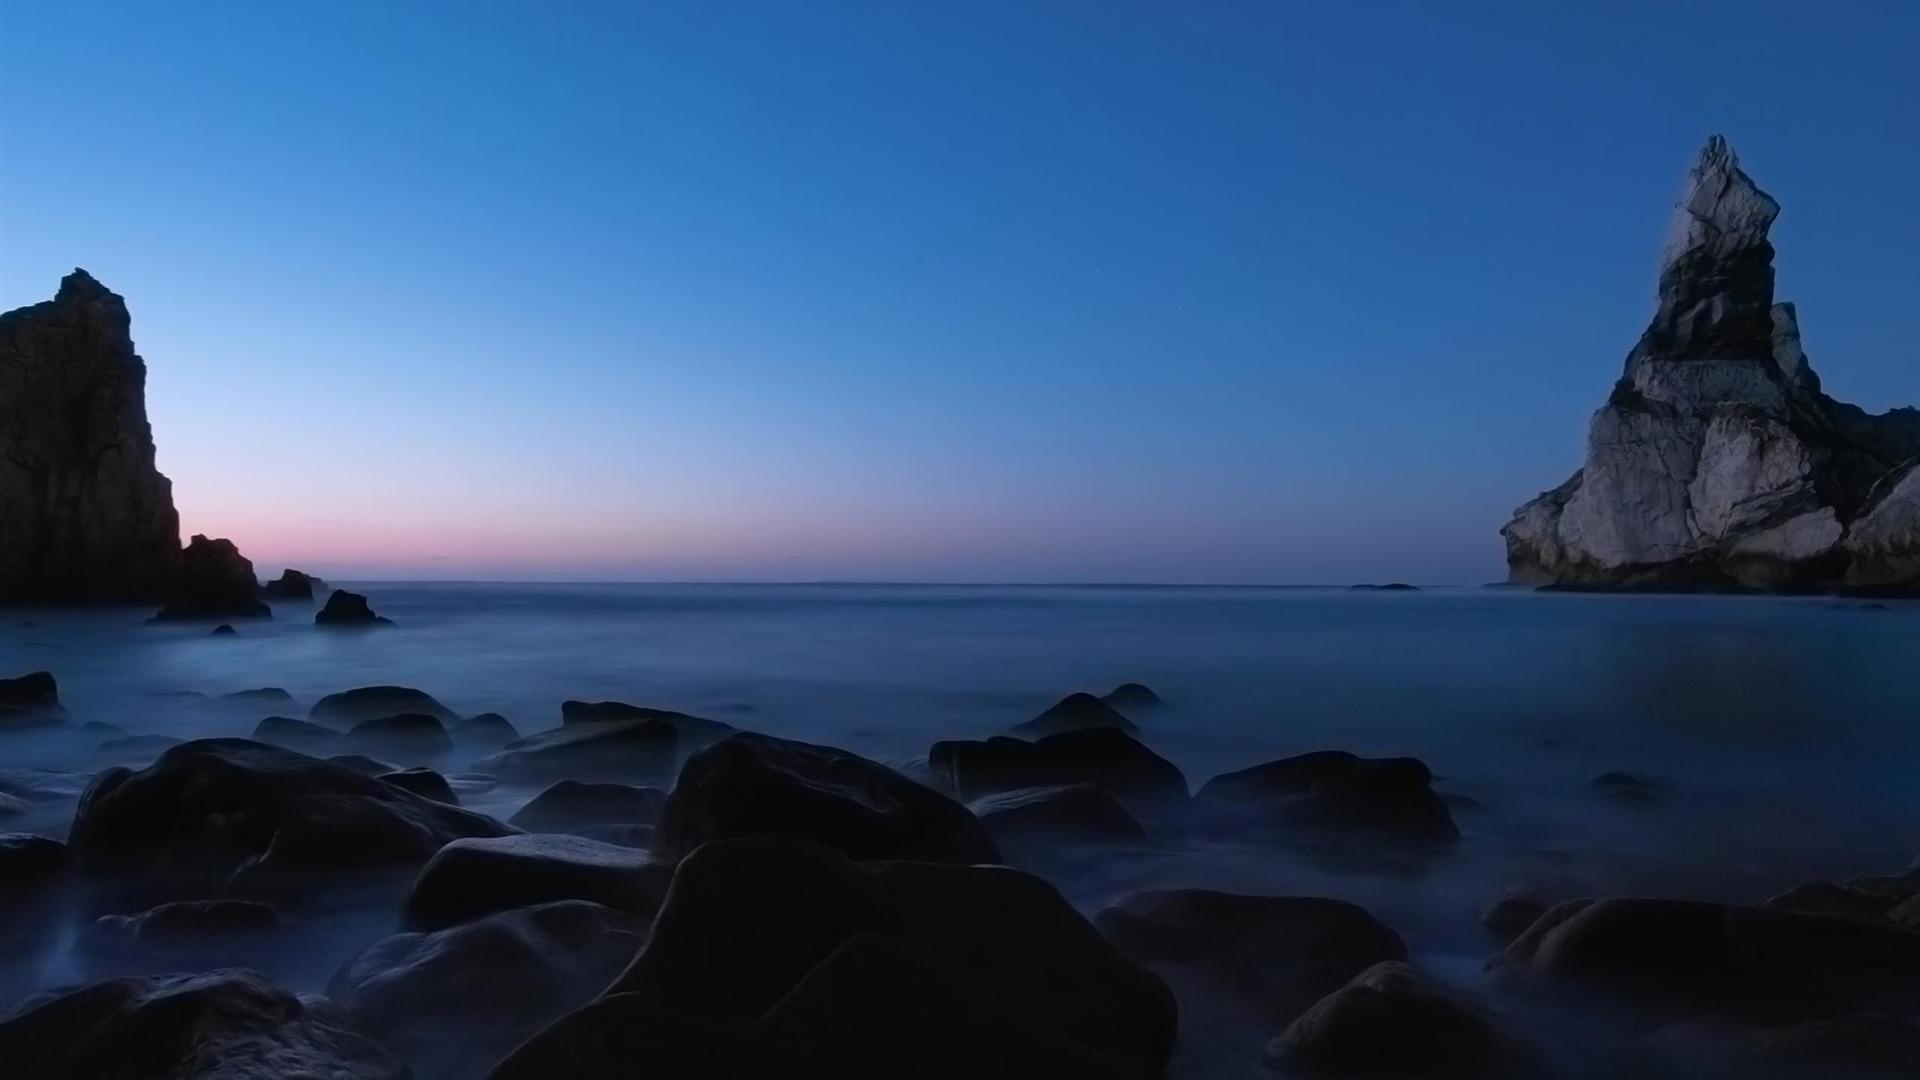 calm sea natural landscape wallpaper Full HD Desktop Wallpaper 1920x1080